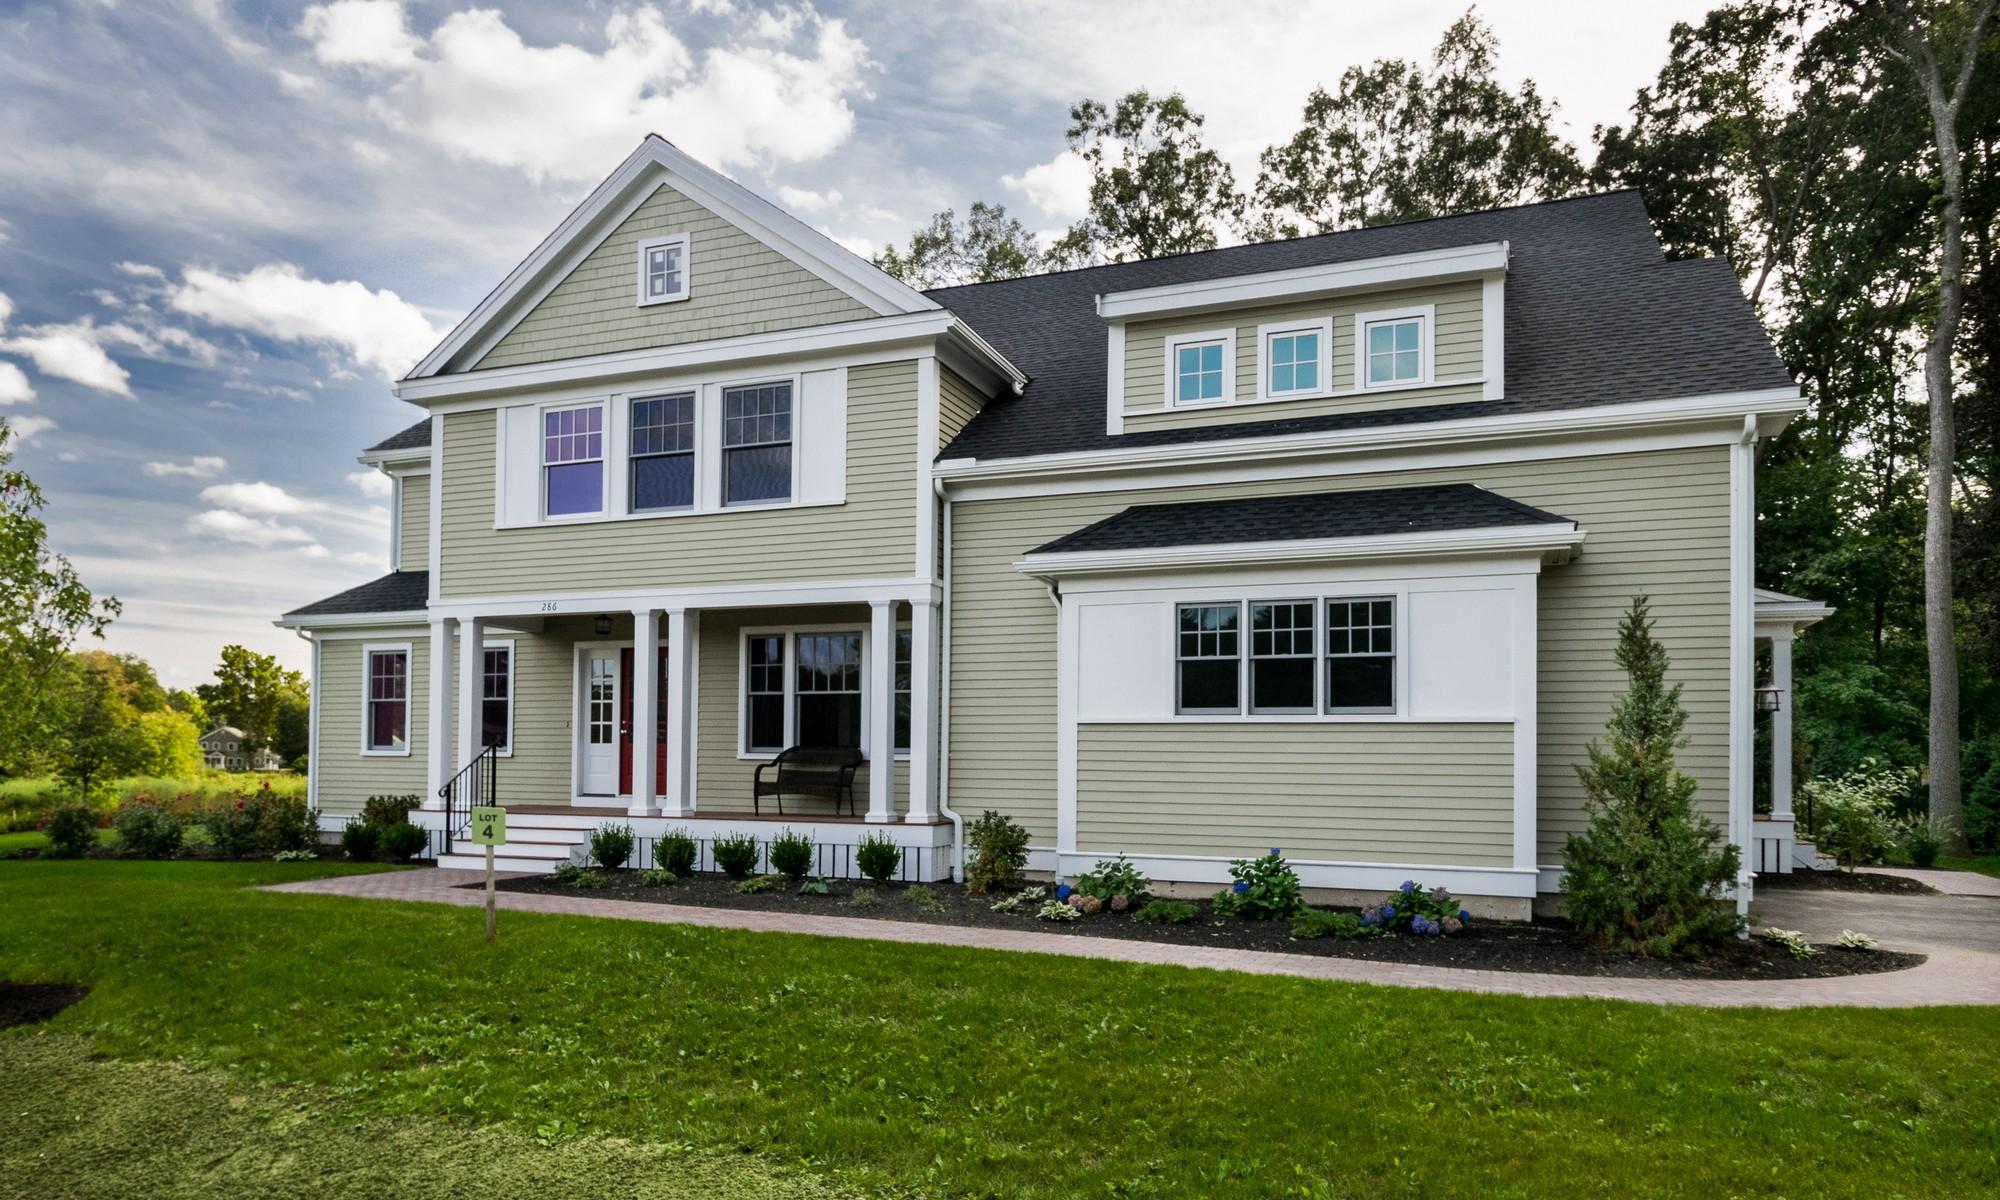 Maison unifamiliale pour l Vente à Newest Neighborhood Subdivision Lot 4 Monsen Road Concord, Massachusetts 01742 États-Unis